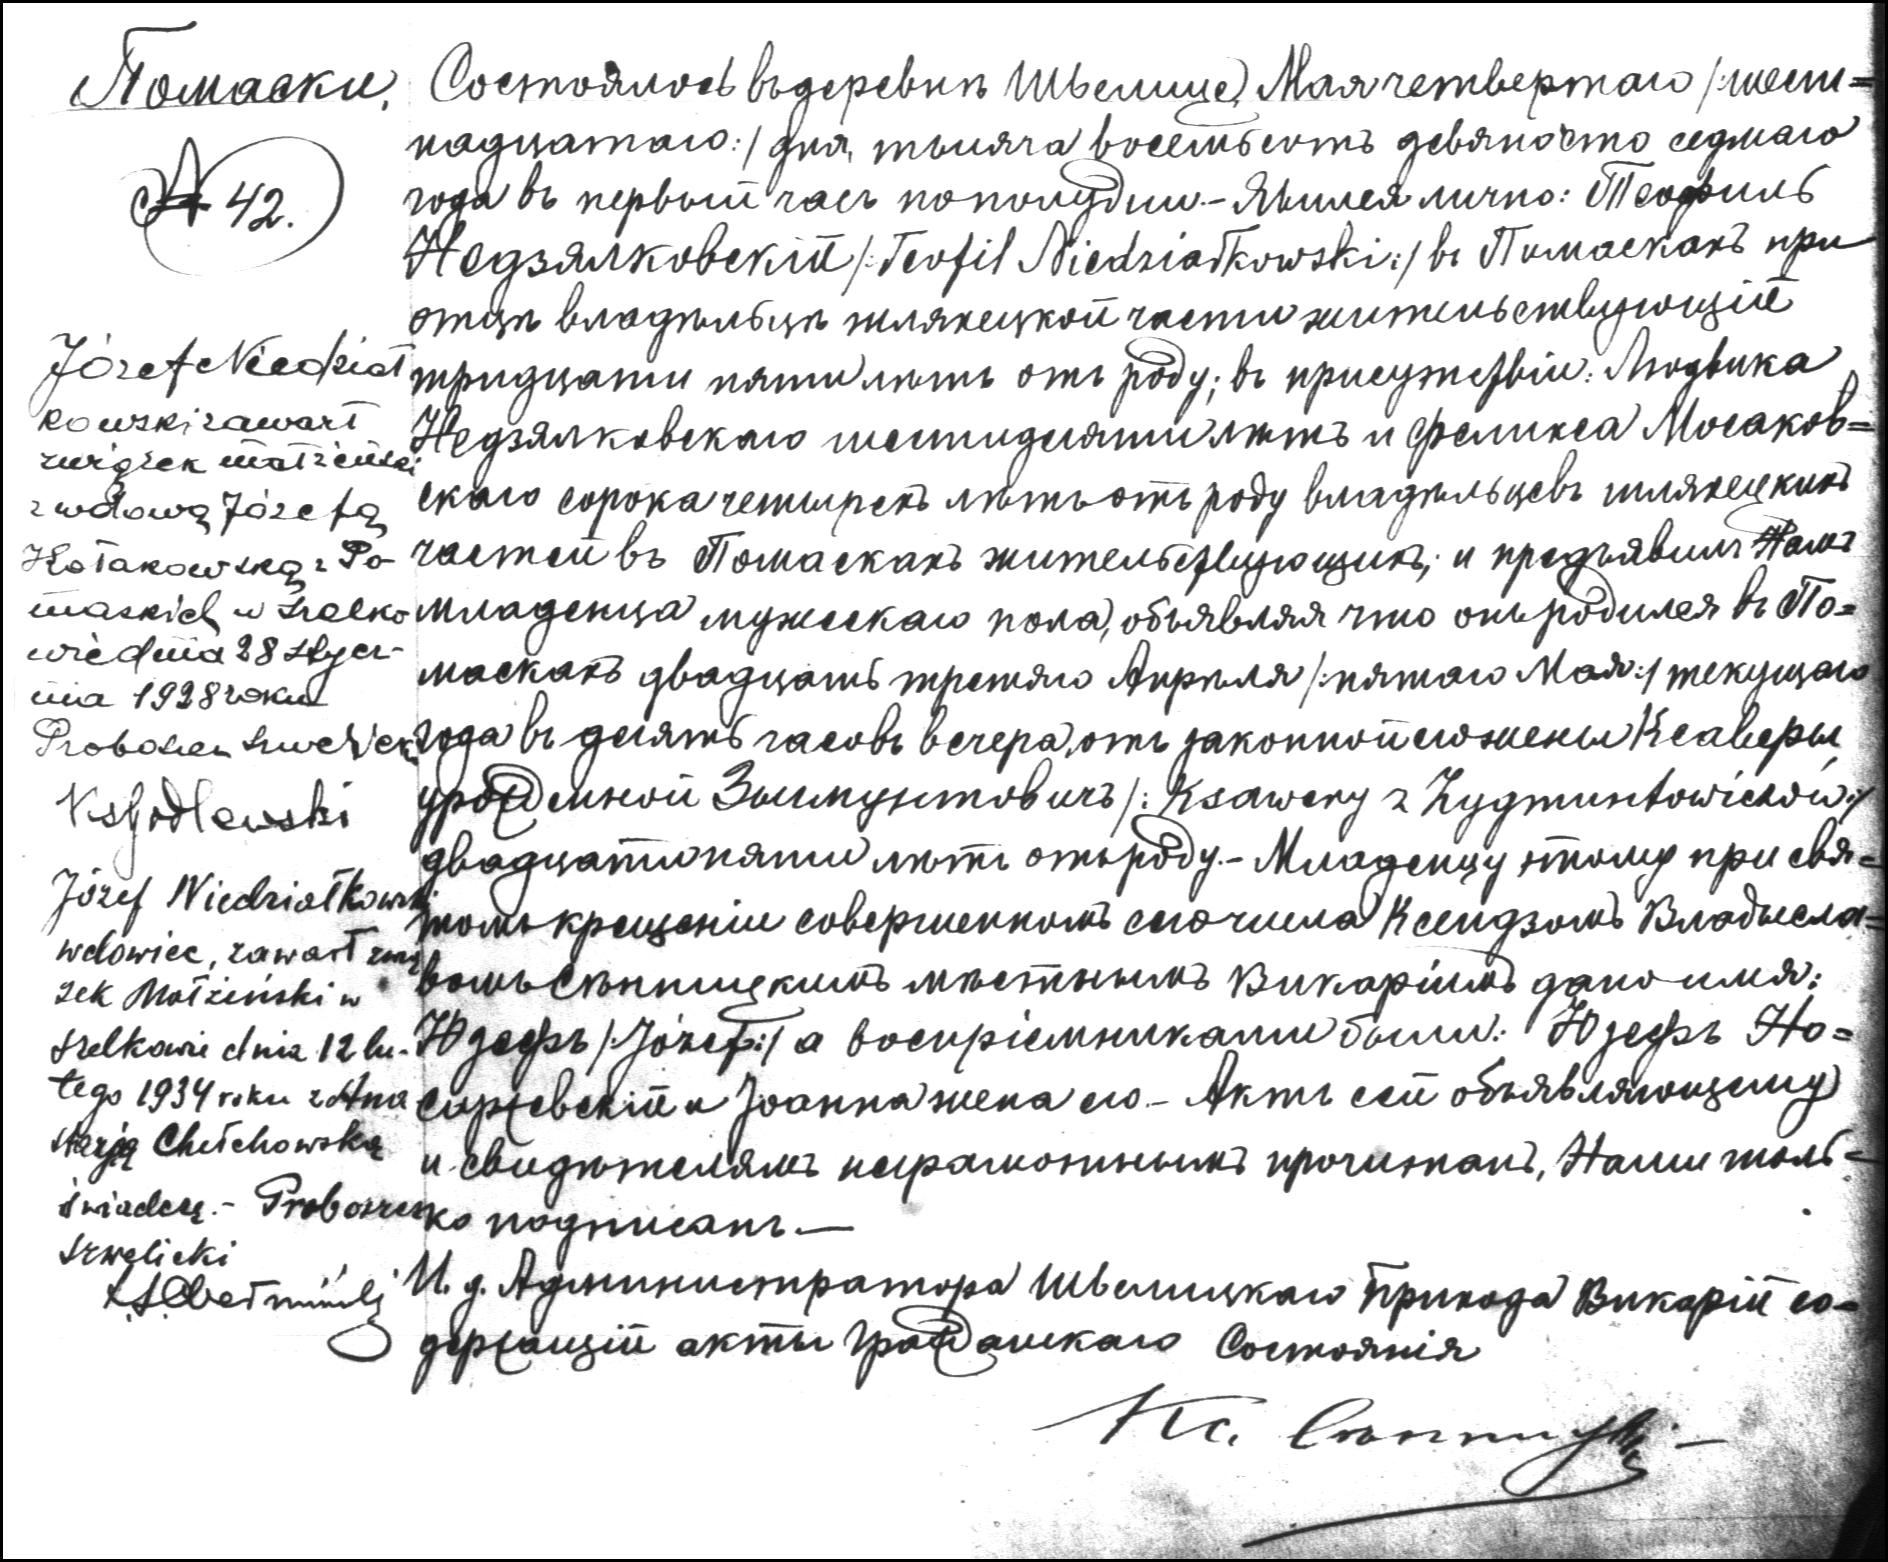 Birth and Baptismal Record of Józef Niedziałkowski - 1897